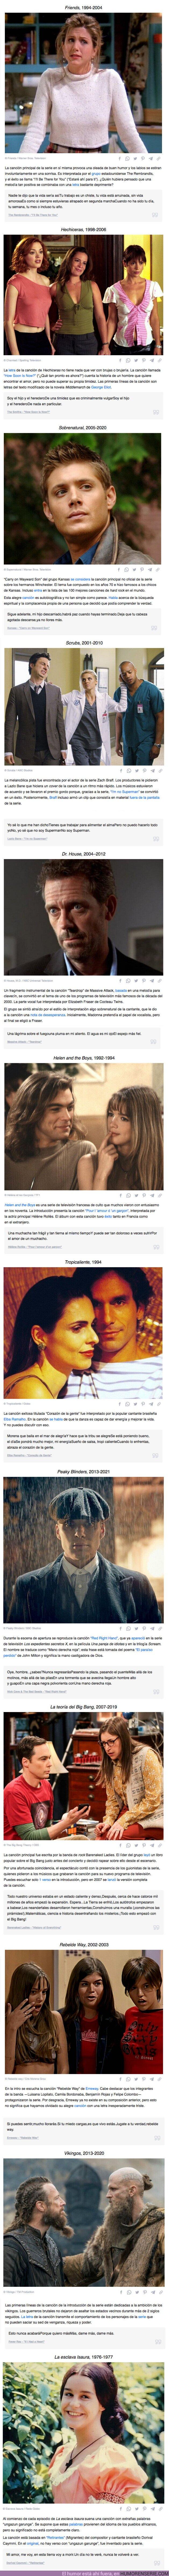 75857 - GALERÍA: 12 veces en las que no prestamos atención a la letra de las canciones de series de televisión de culto